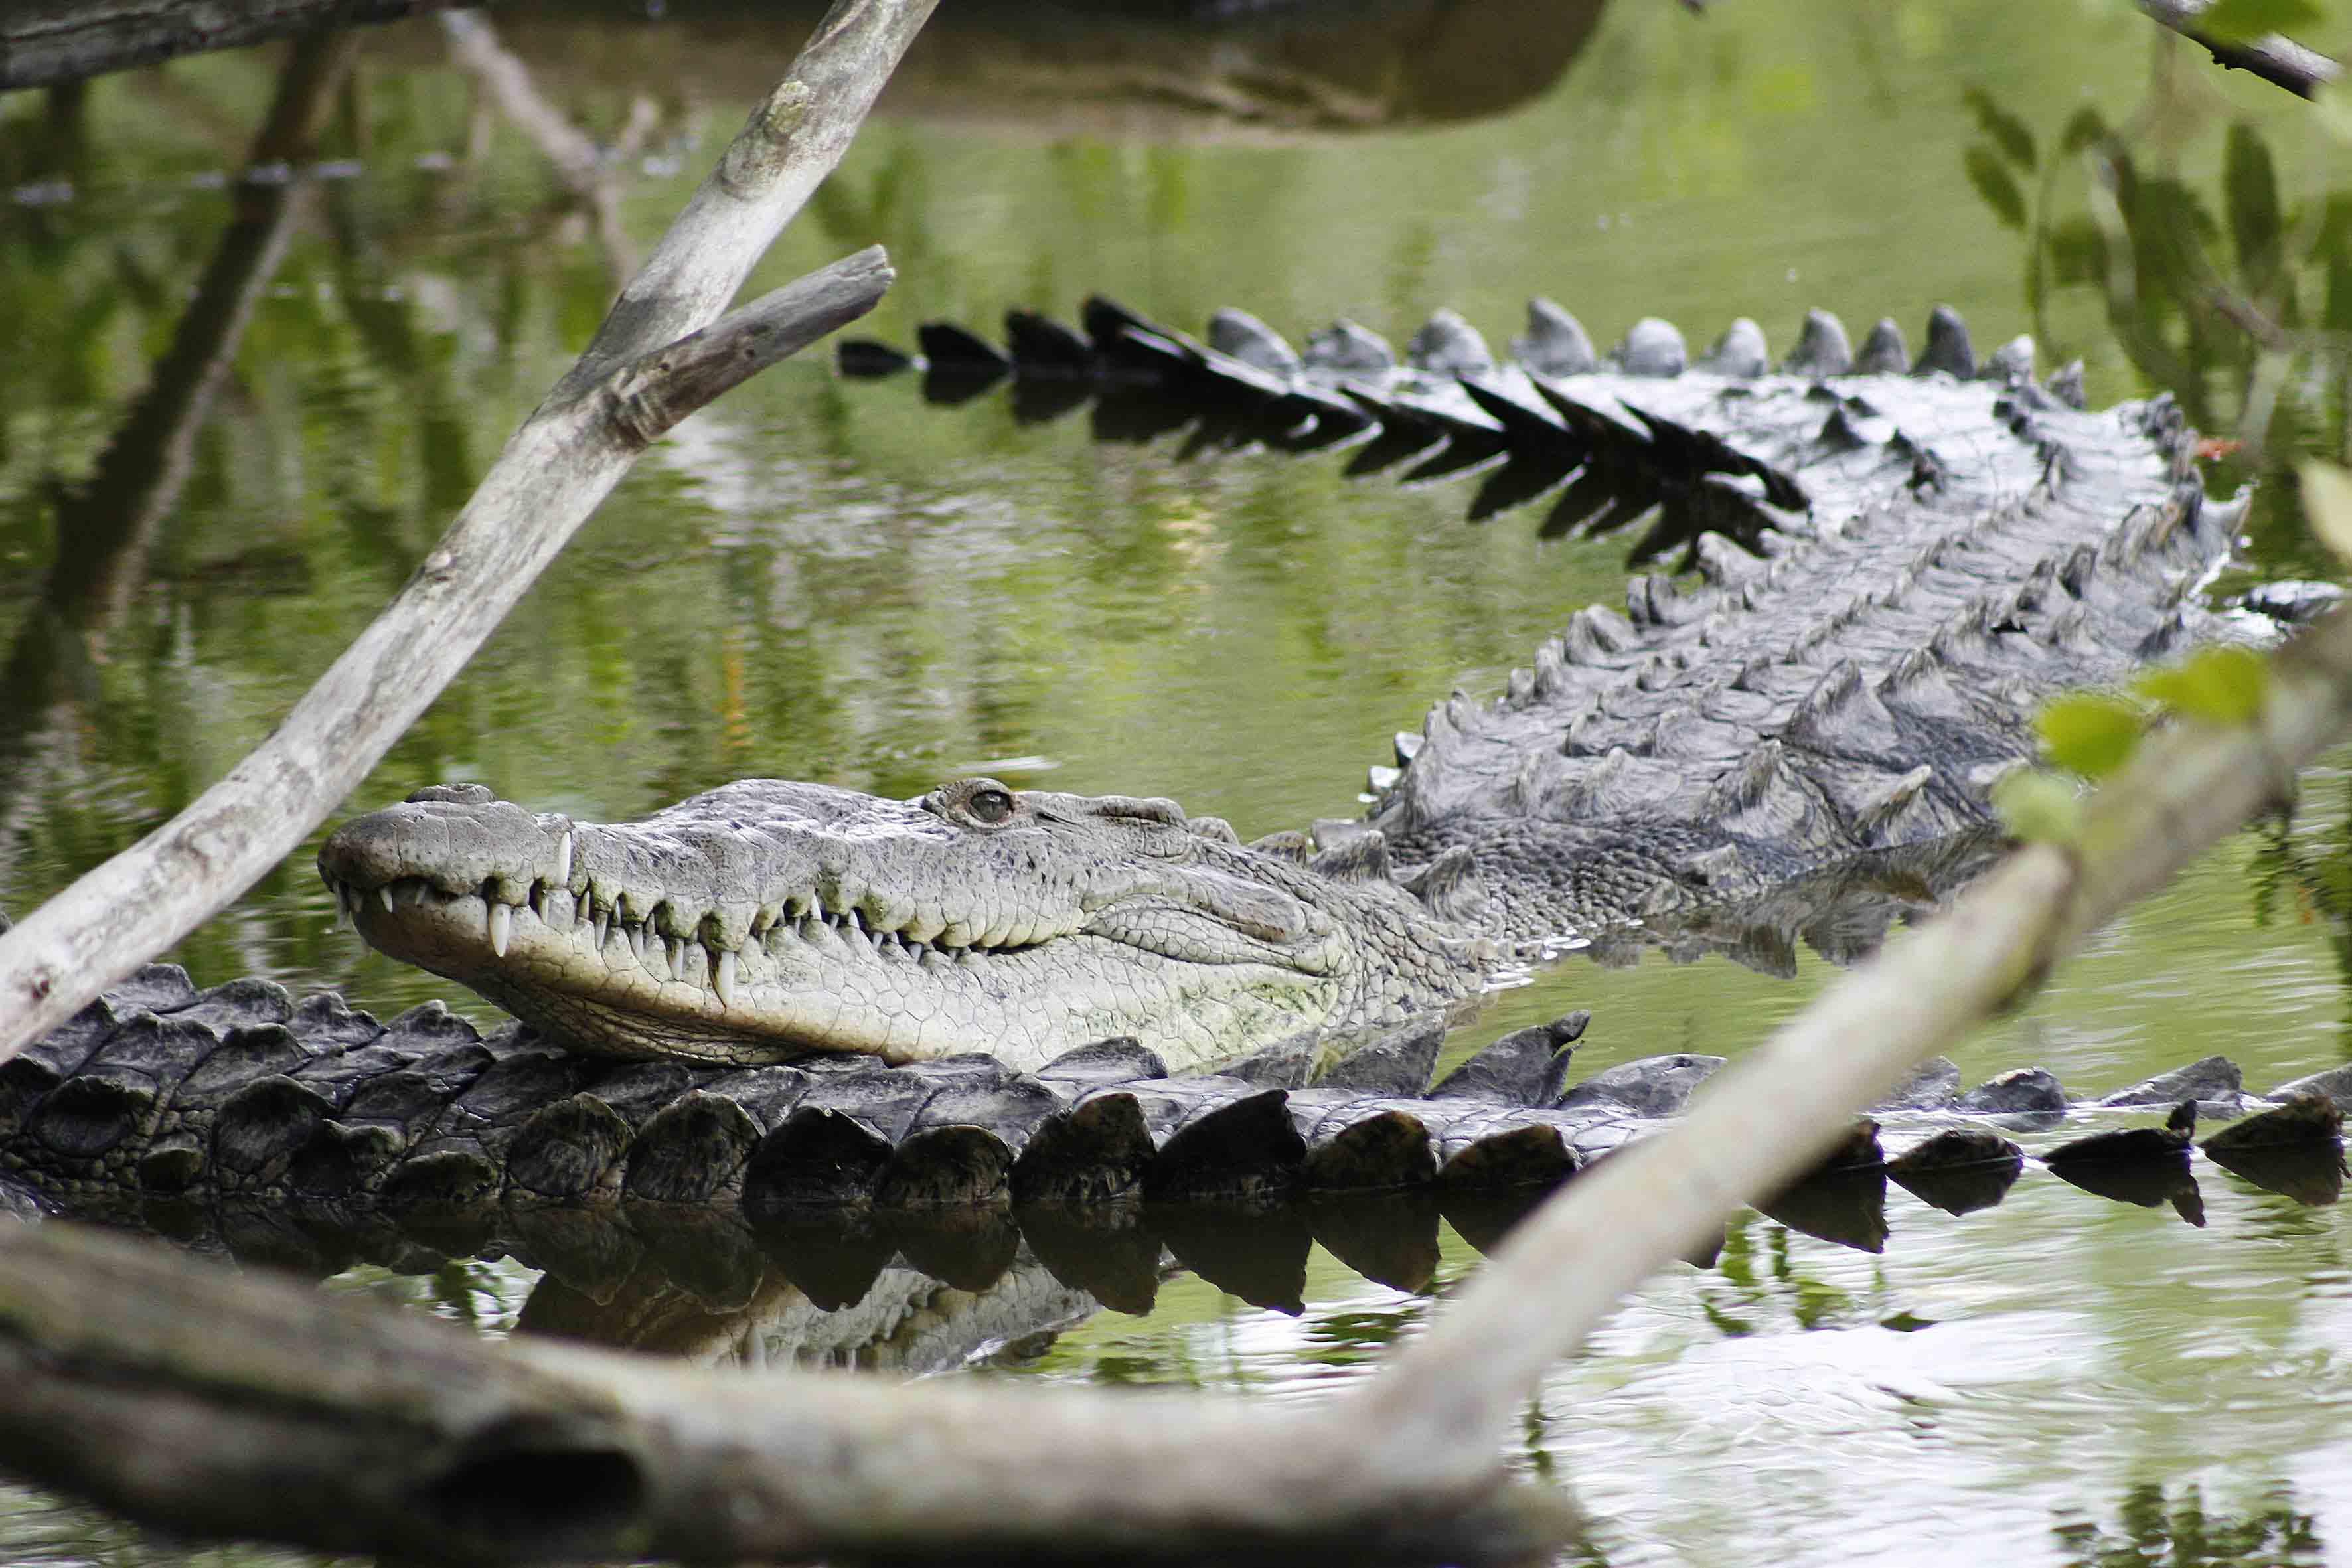 Un cocodrilo en su habitad natural